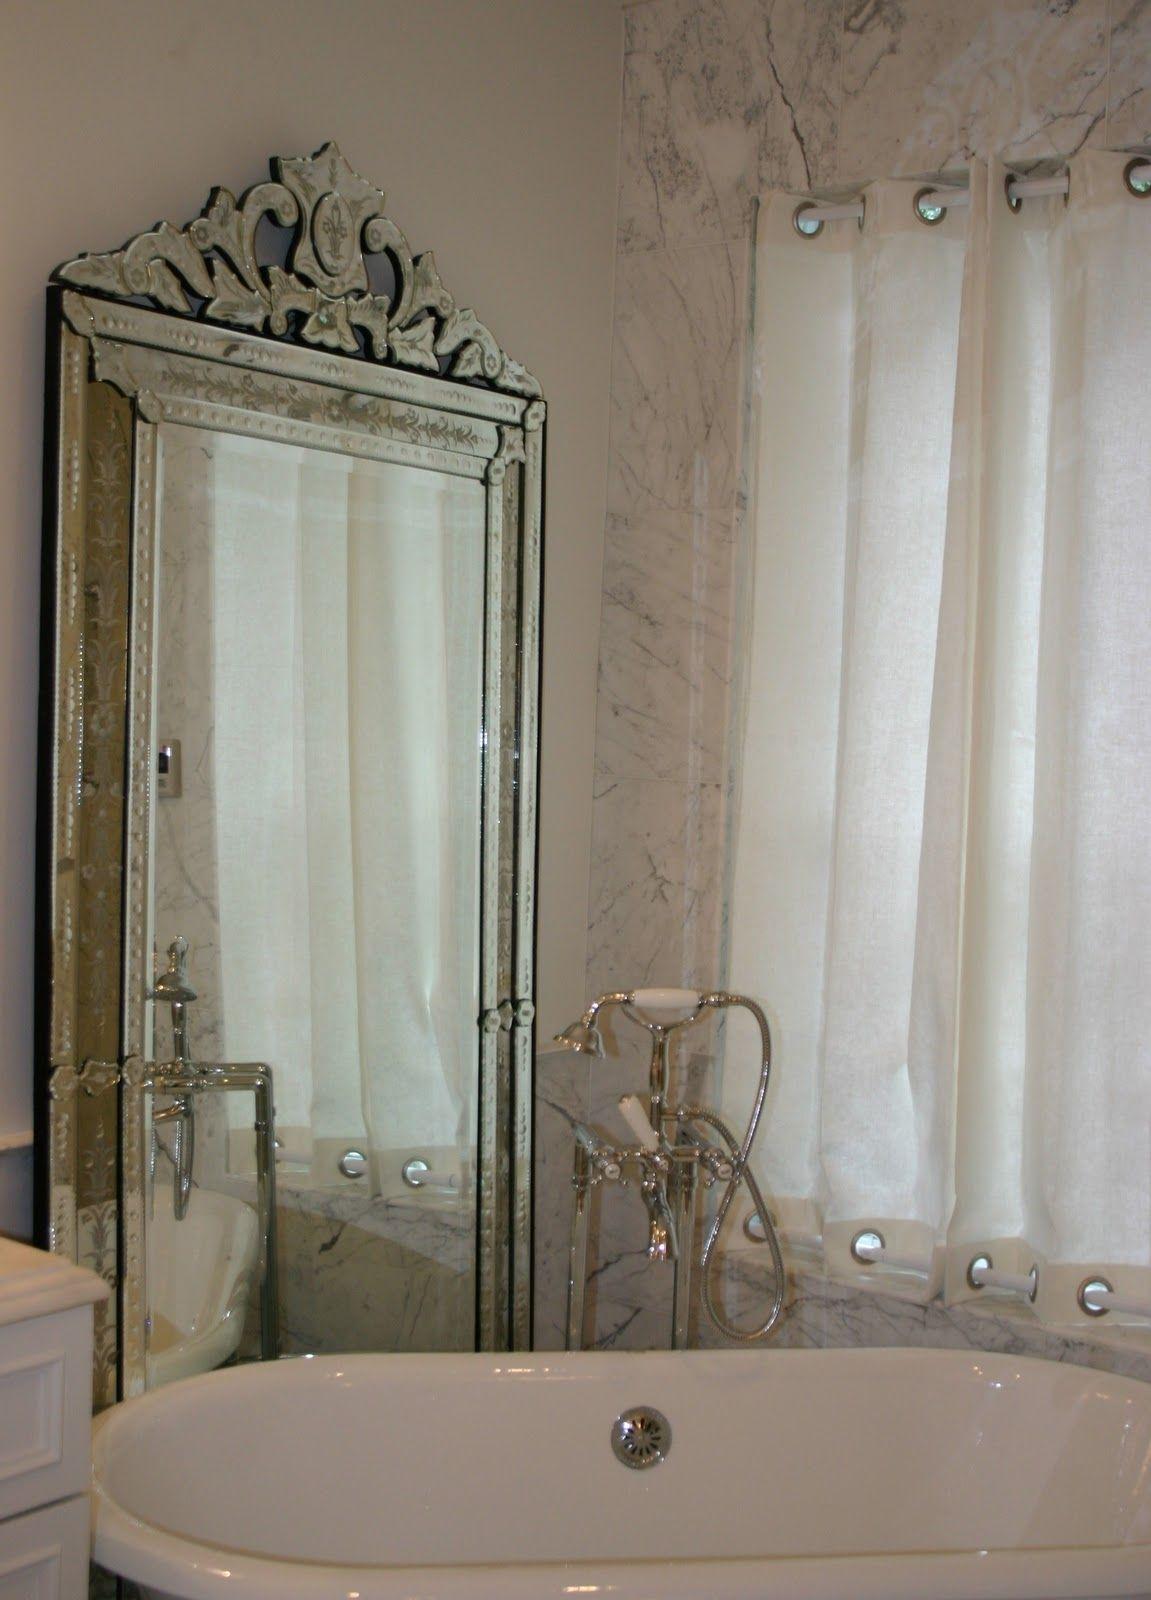 Frei Stehend Silber Spiegel   Spiegel   Spiegel   Pinterest